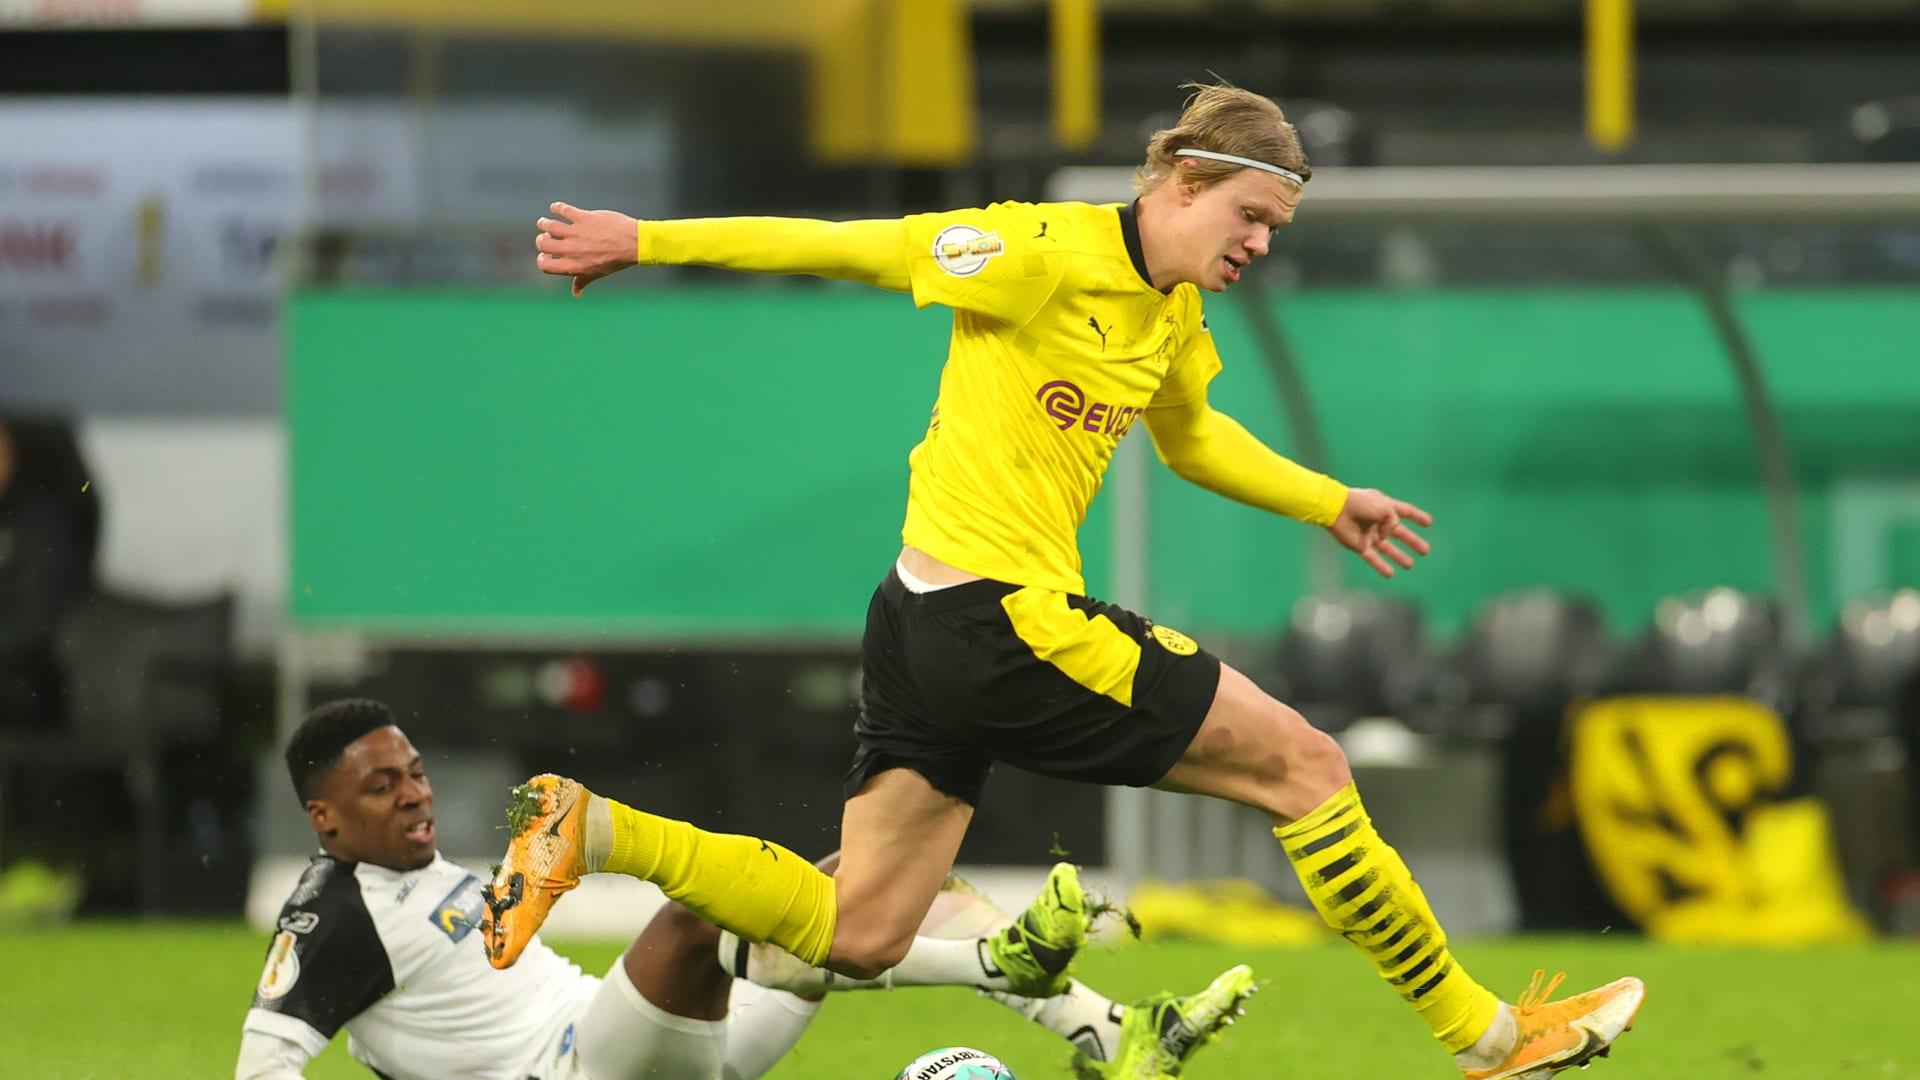 بروسيا دورتموند يتأهل لربع نهائي دوري أبطال أوروبا بعد ثنائية هالاند في إشبيلية